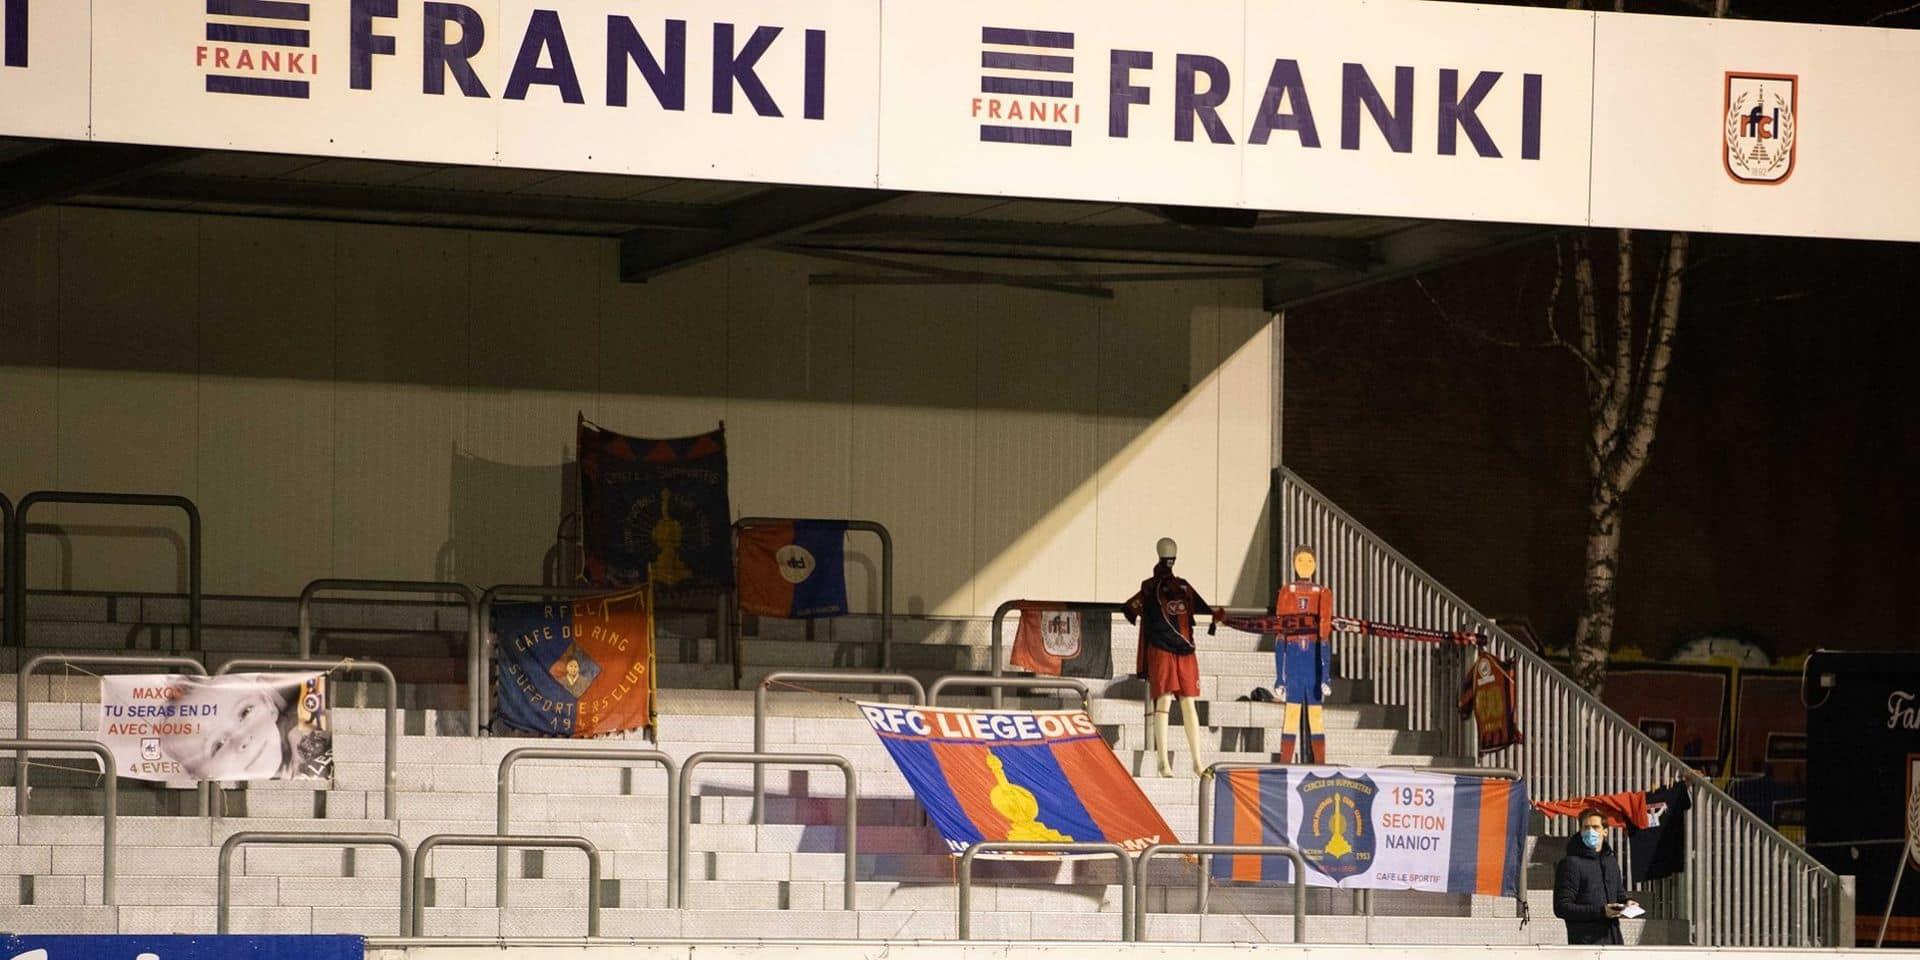 La cagnotte lancée par les supporters du RFCL face à Anderlecht a permis de récolter 4300 euros